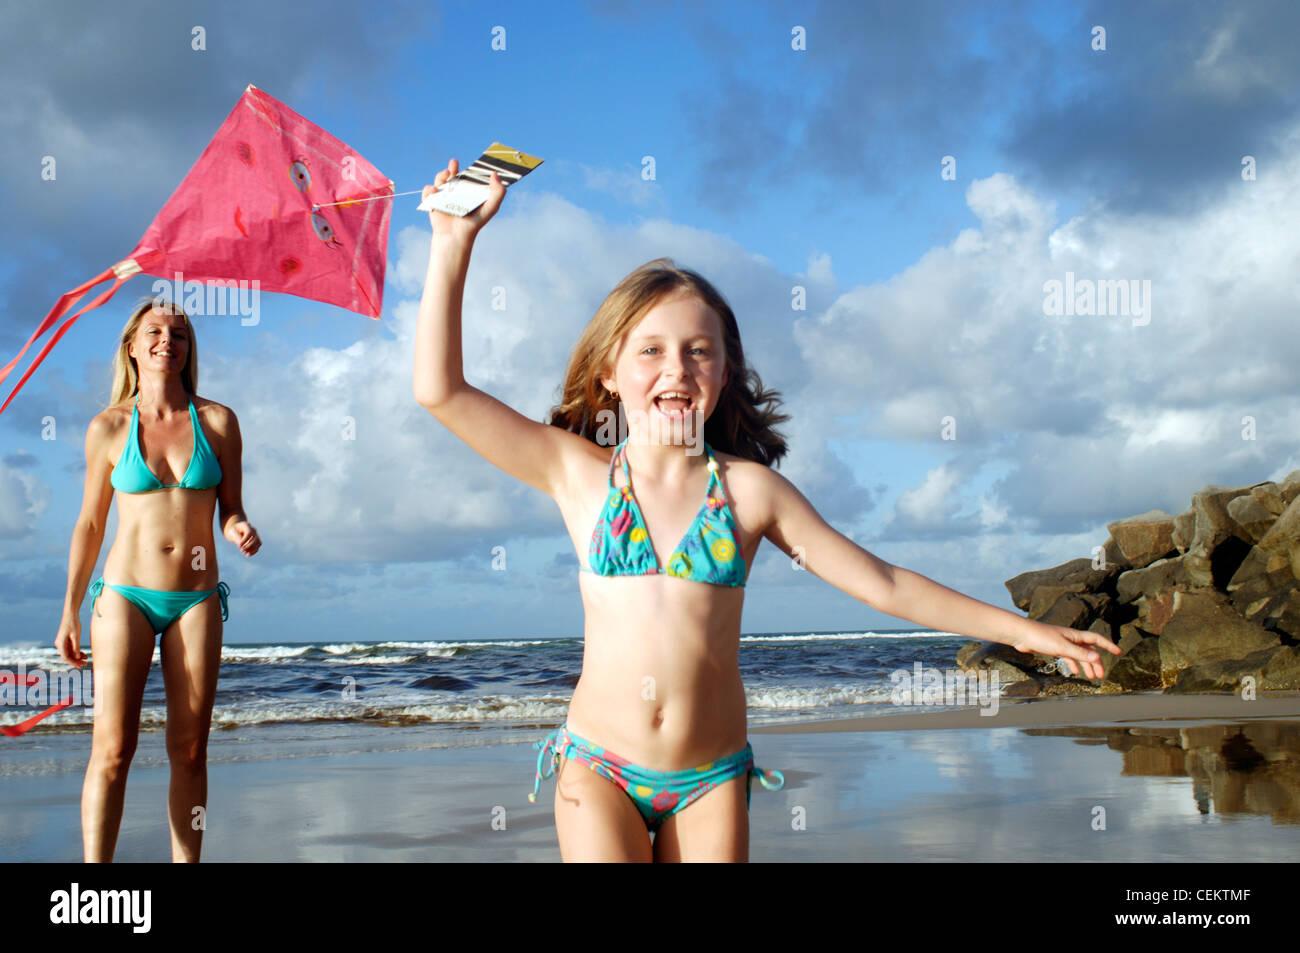 Ретро фотографии нудистских пляжей